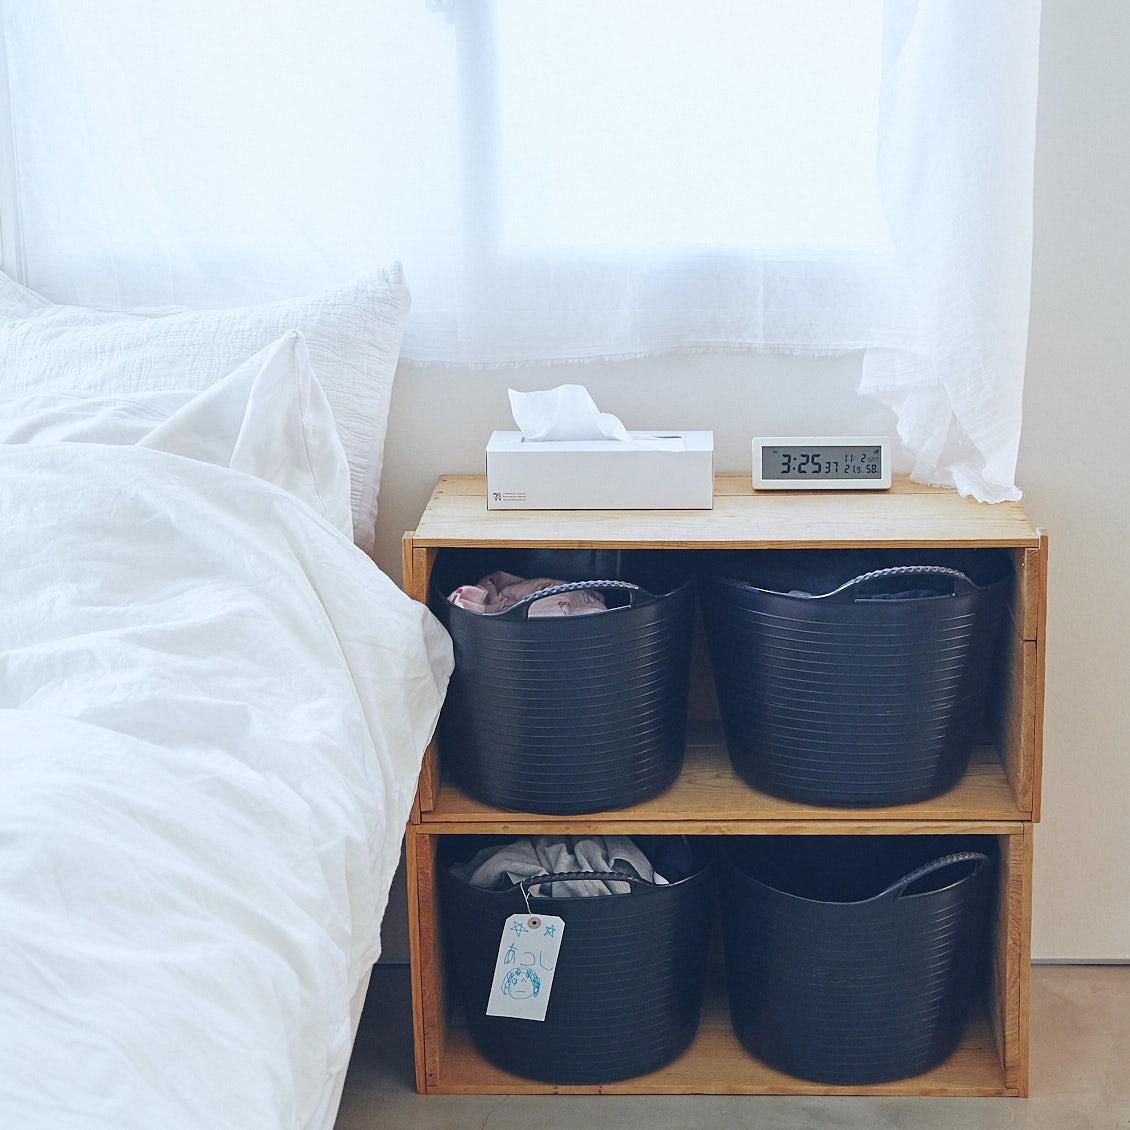 【収納ボックス】バケツ型・仕切り型・蓋つき……用途で変わる、収納ボックスのアイデア